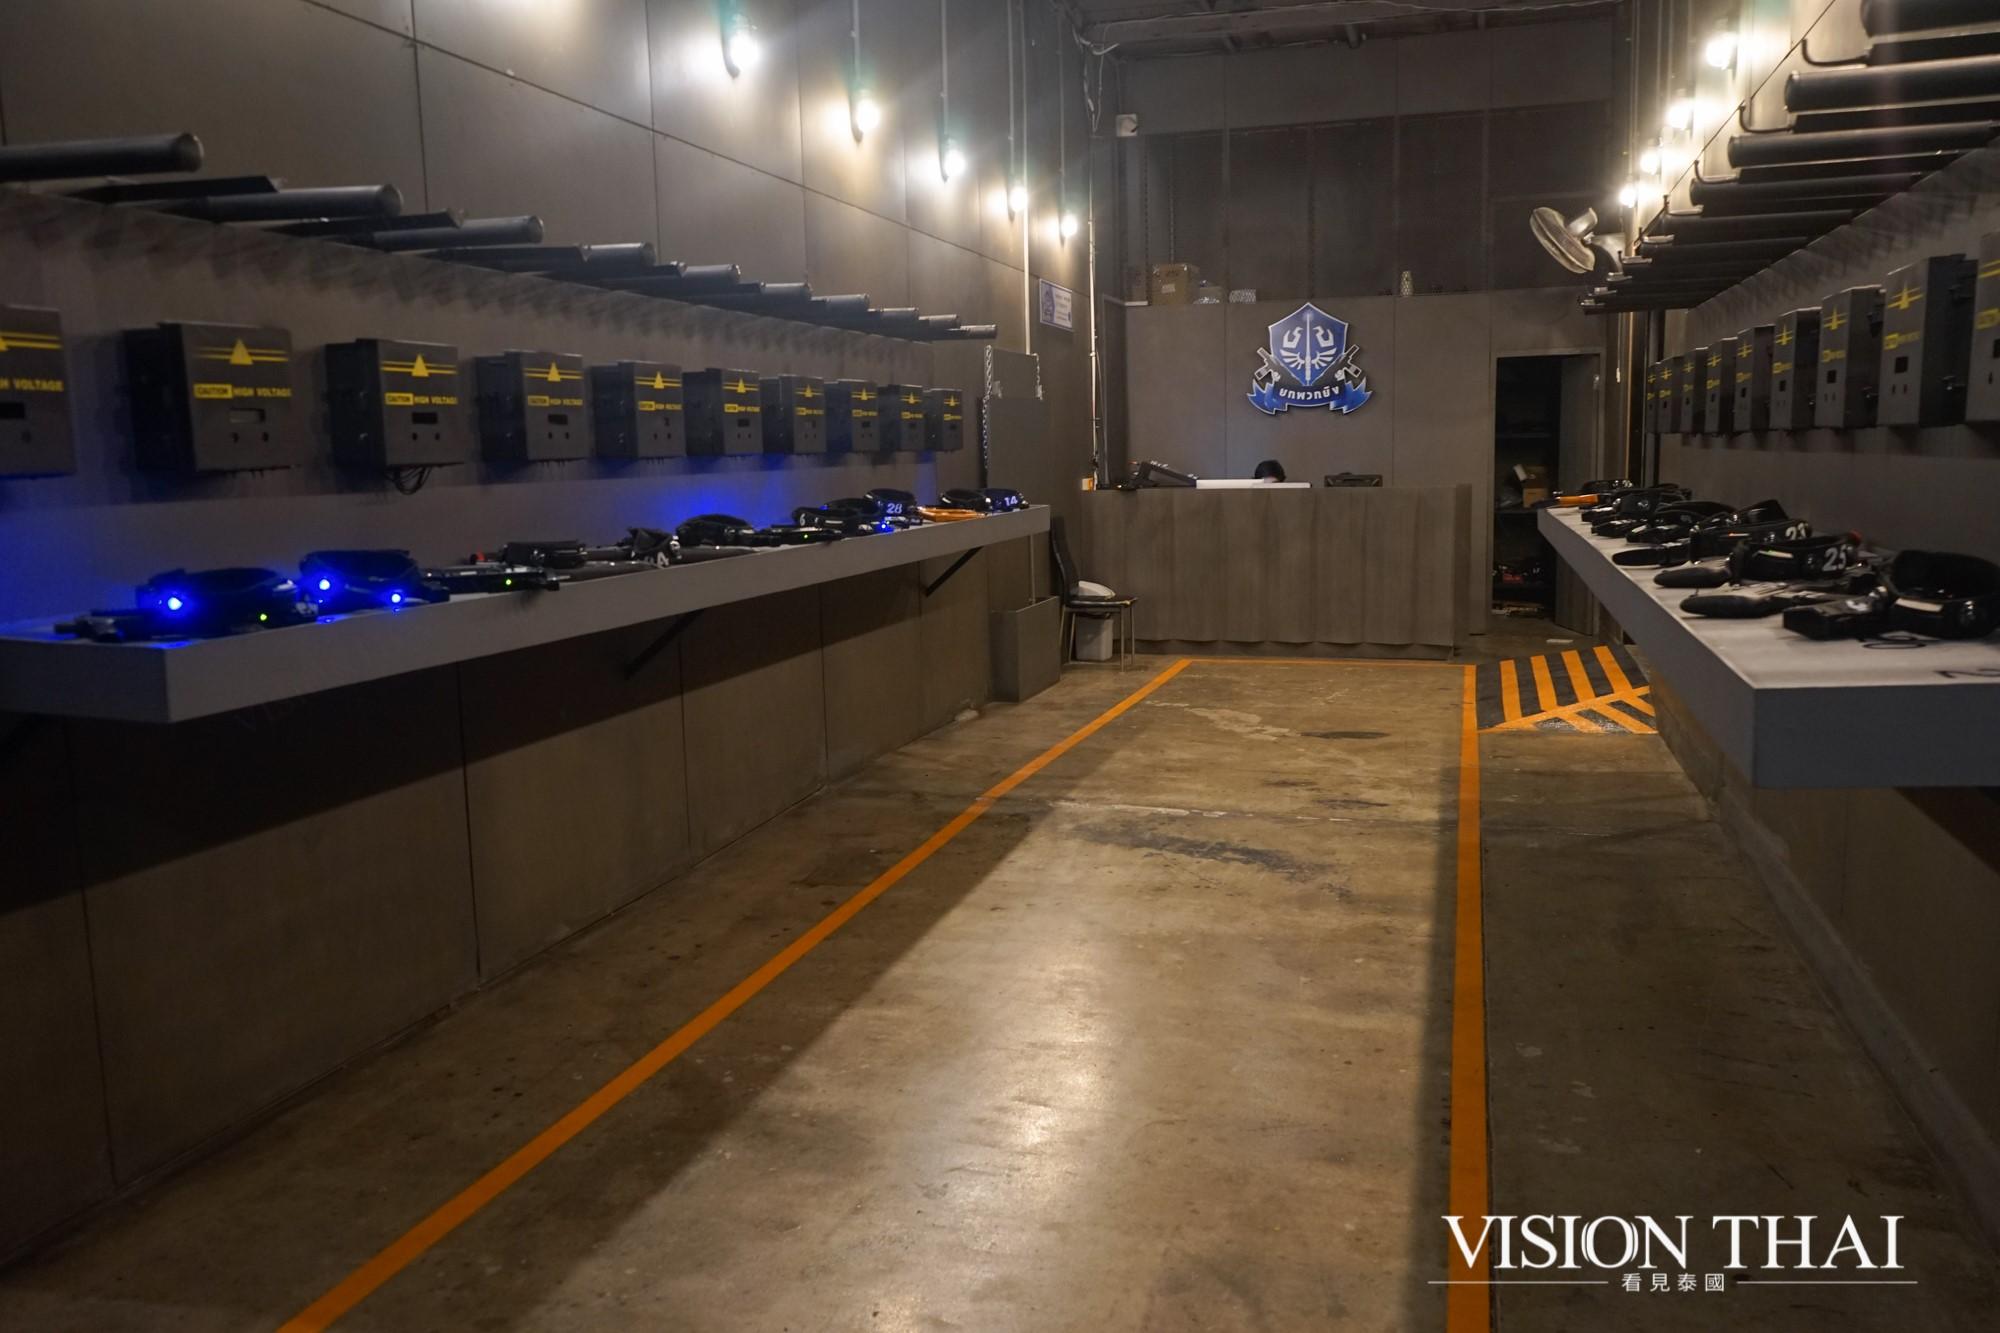 優波營鐳射對戰射擊會館 Yok Pok Ying Laser Games 曼谷 鐳射槍戰 曼谷 鐳射槍 曼谷 Laser Games